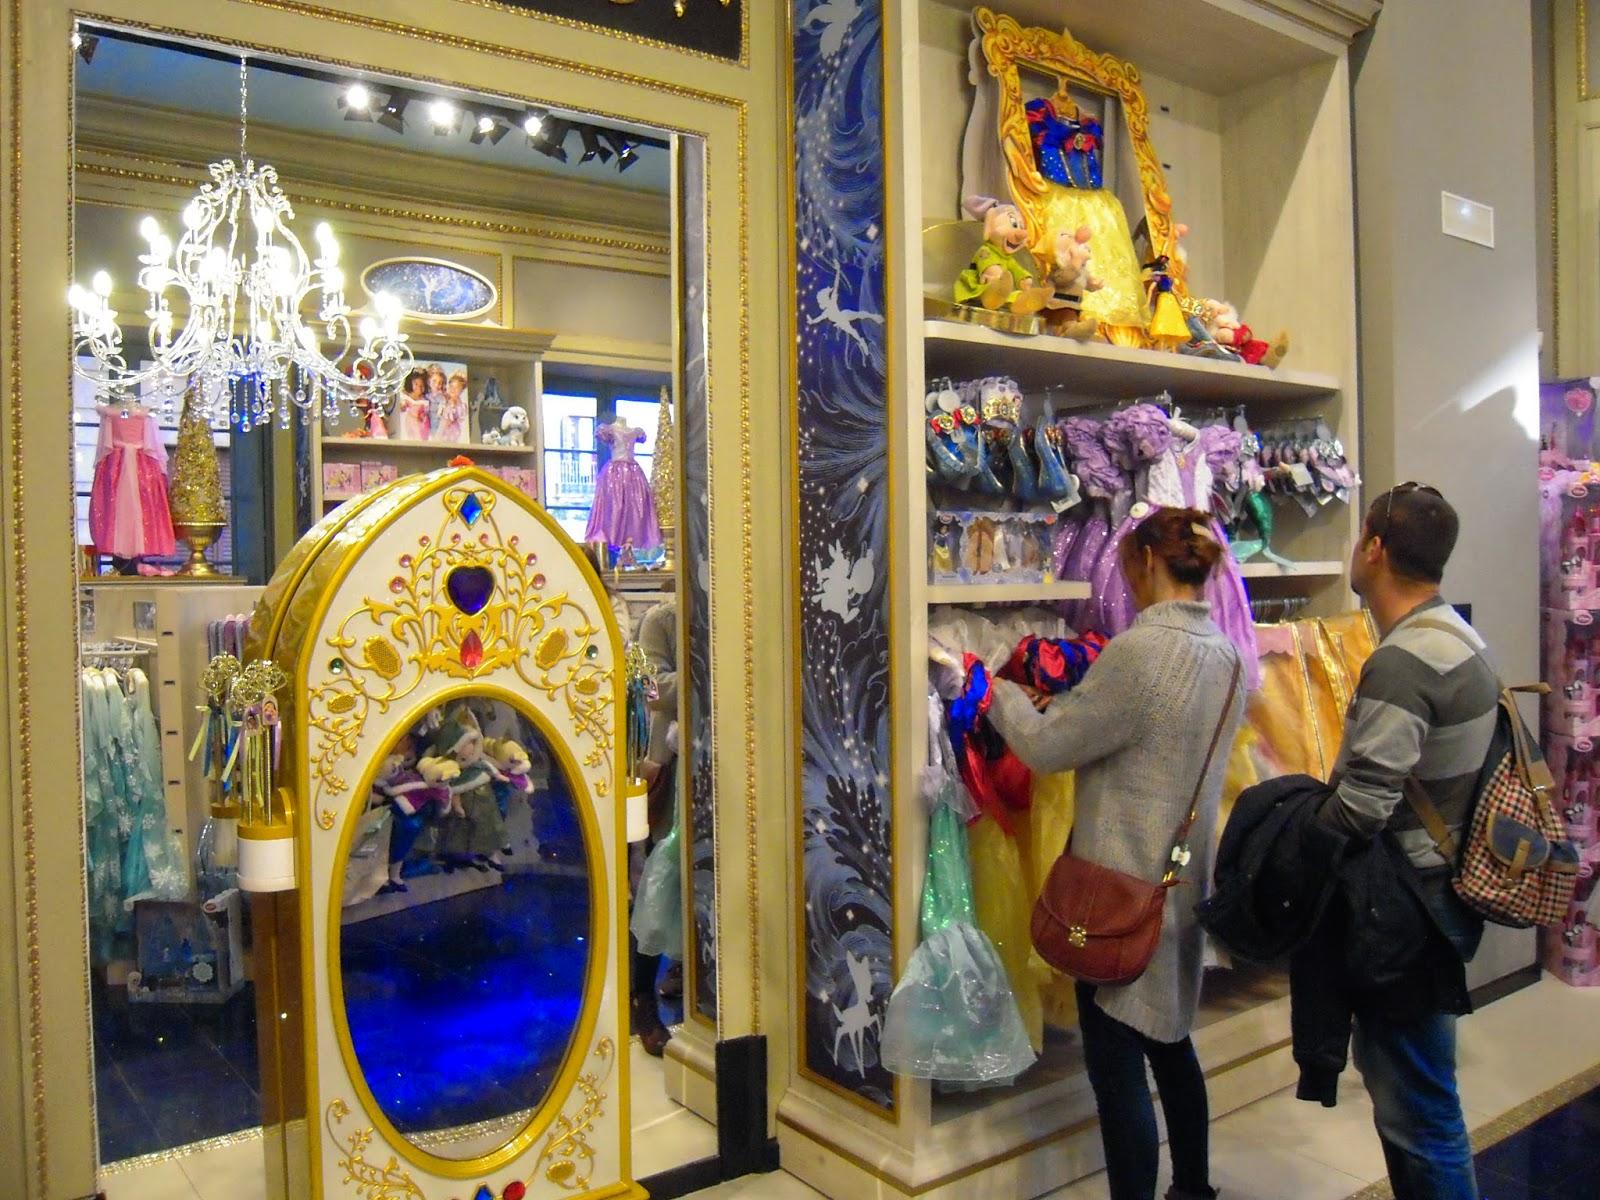 Tiendas Barcelona. Tiendas De Baos Barcelona With Tiendas Barcelona ...